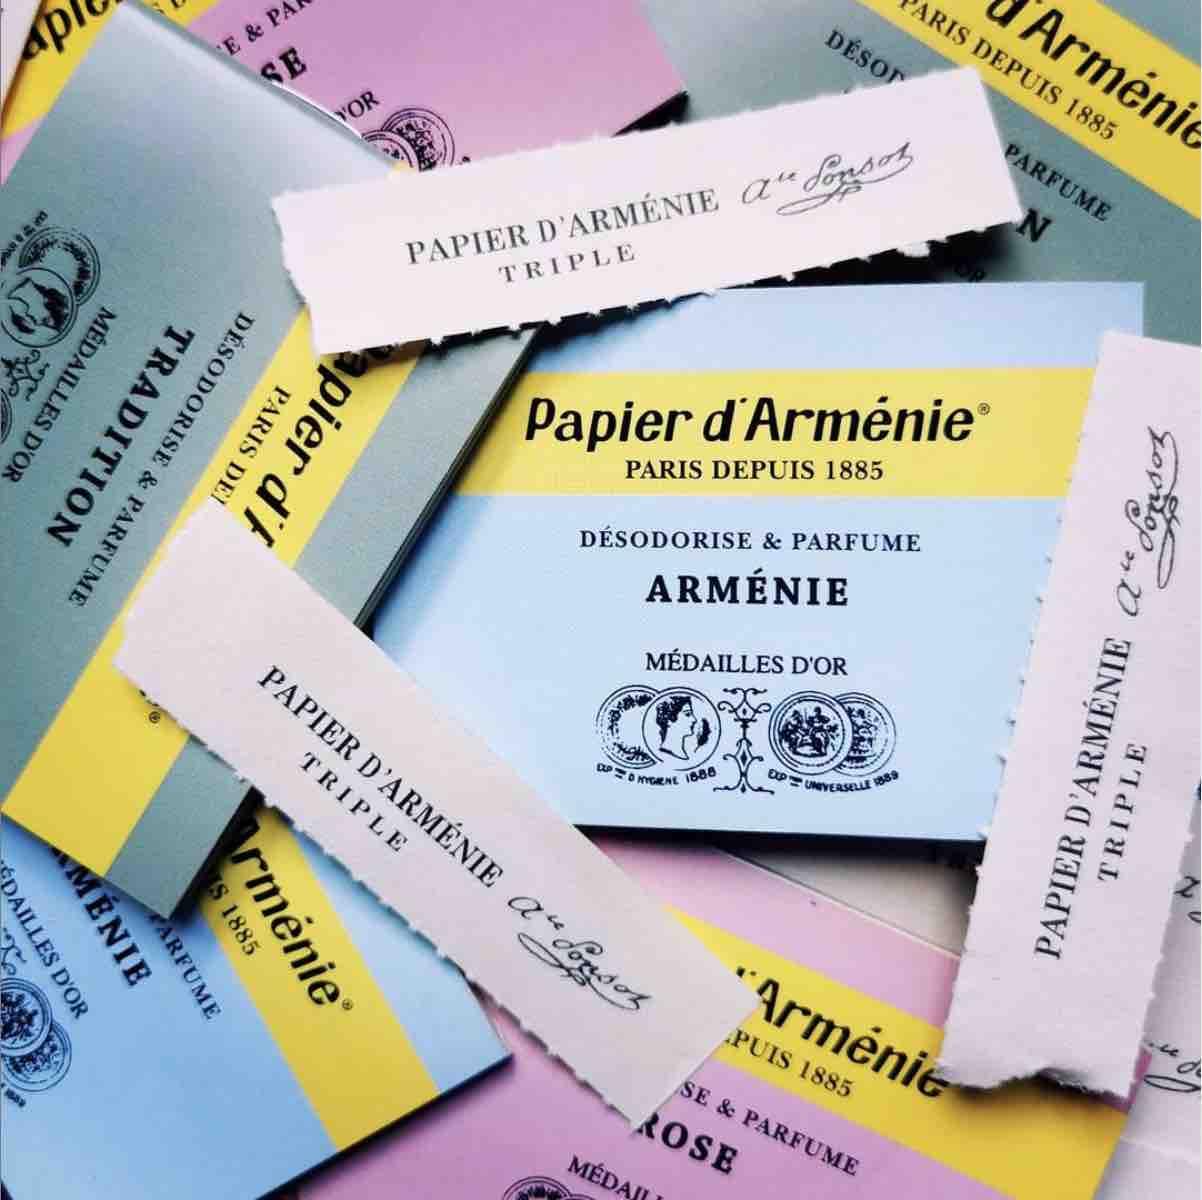 papier-d-armenie-hyeres-la-droguerie-annexe-83